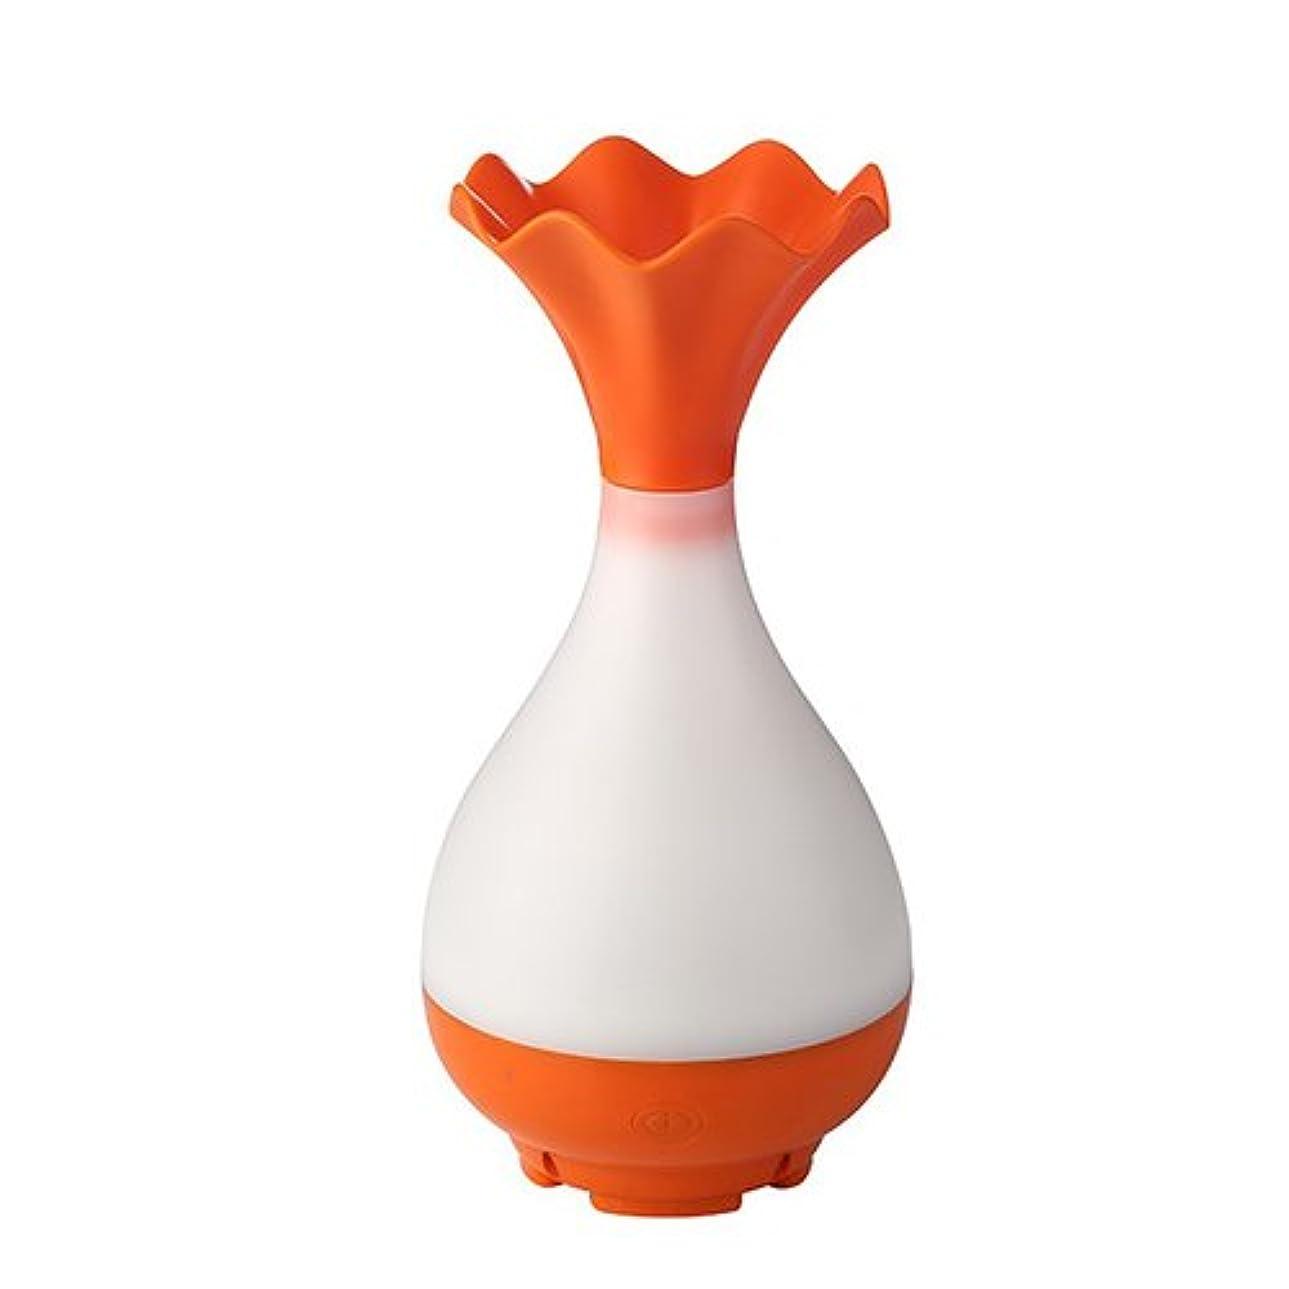 壊滅的な接ぎ木謙虚Mystic Moments | Orange Vase Bottle USB Aromatherapy Oil Humidifier Diffuser with LED Lighting